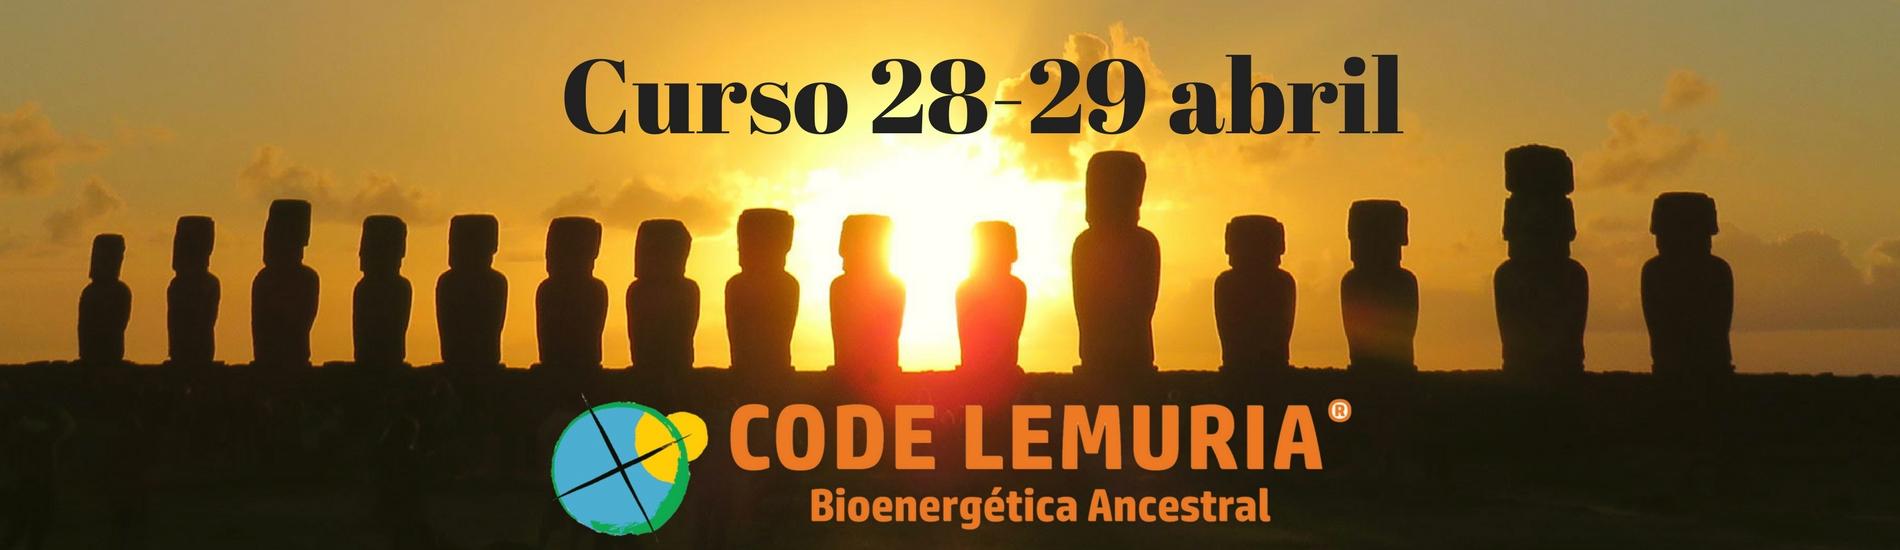 Curso-code-Lemuria-28-29-abril